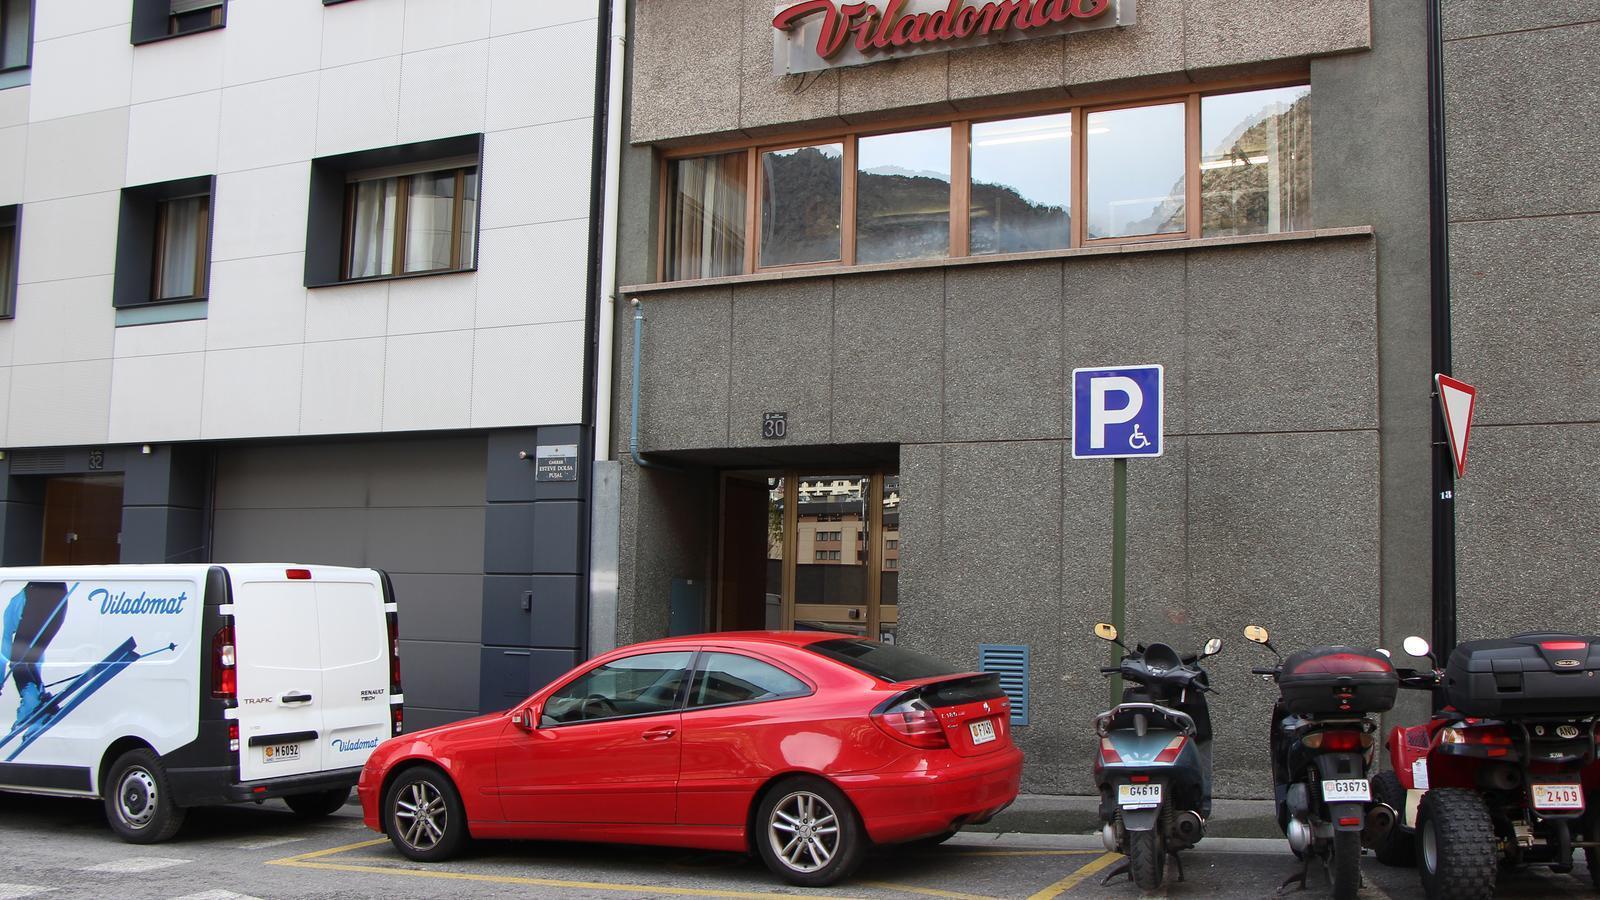 Les oficines de Viladomat que han rebut una amenaça de bomba. / T. N.